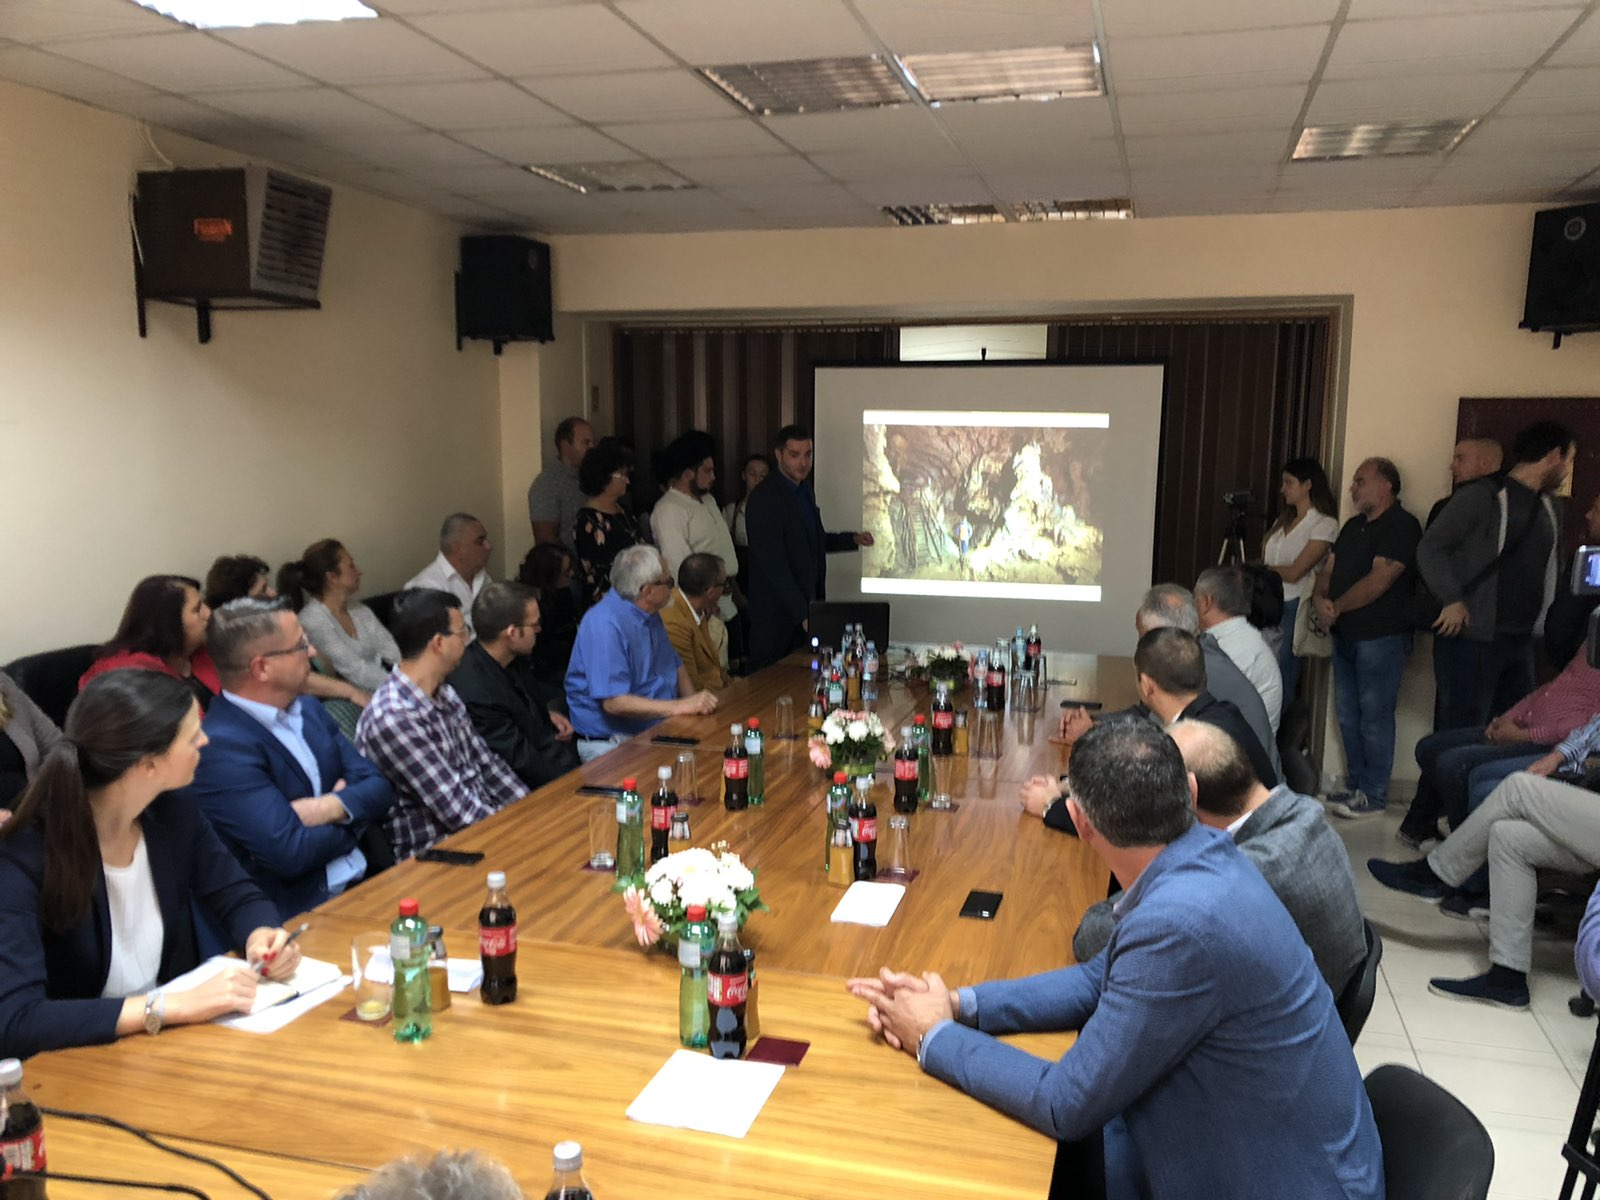 Pomoćnik Nenad Ranđelović kroz slajdove predstavlja našu opštinu, foto: M.M.